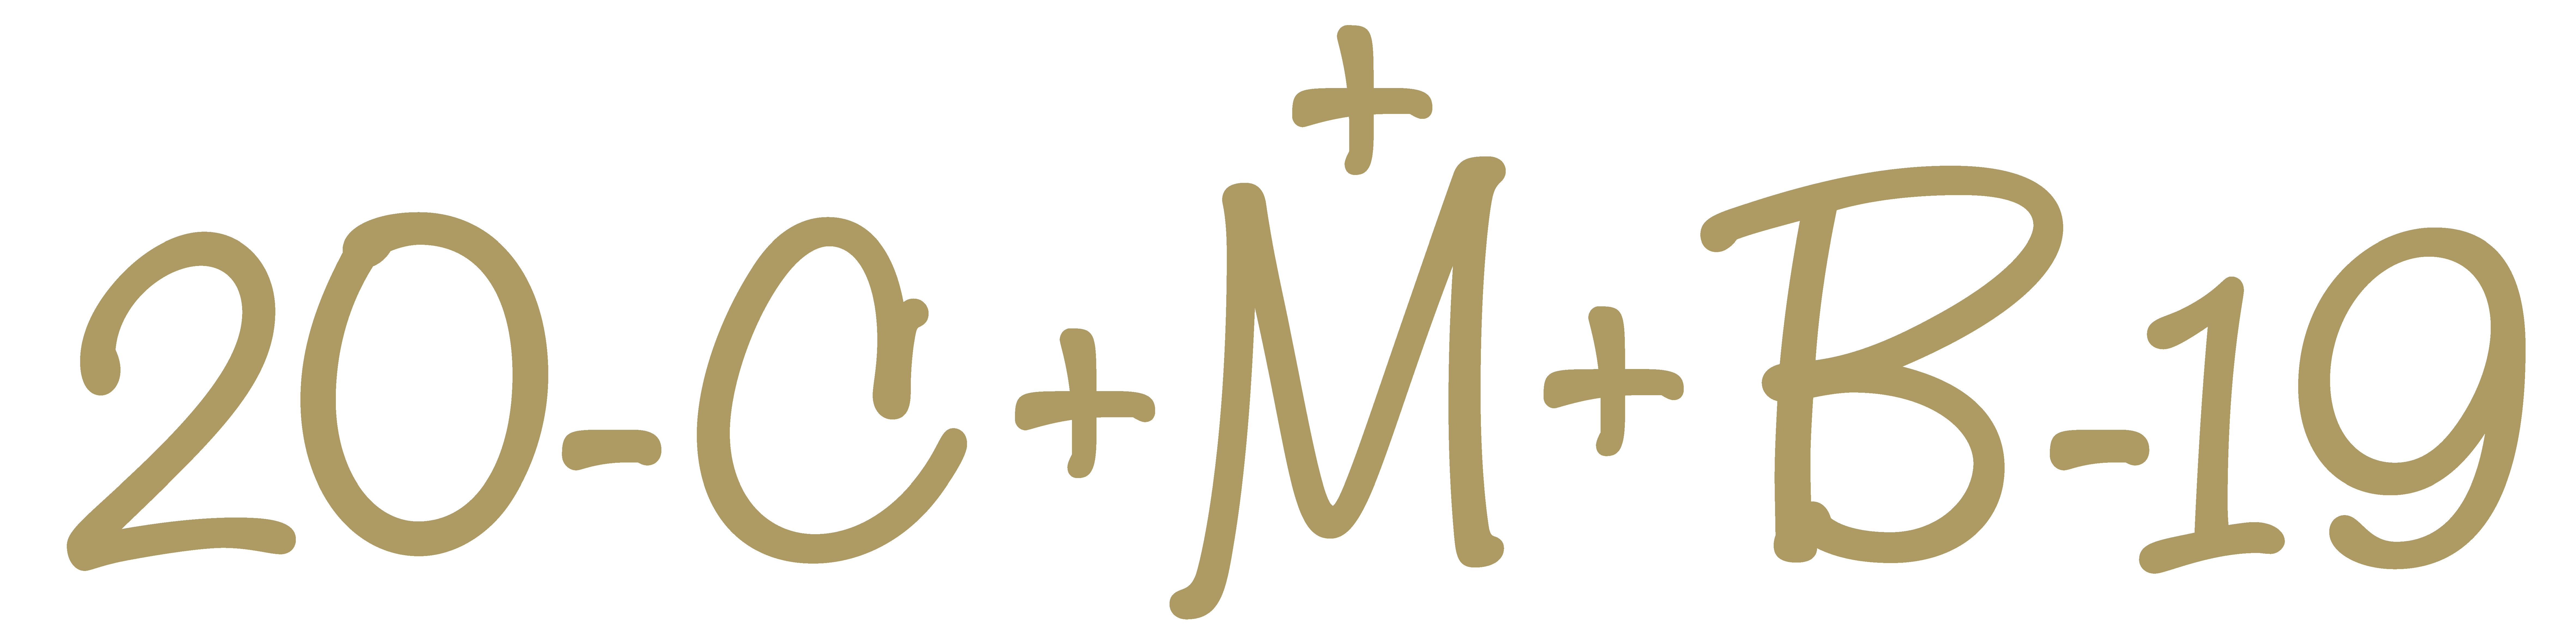 C+M+B Bedeutung